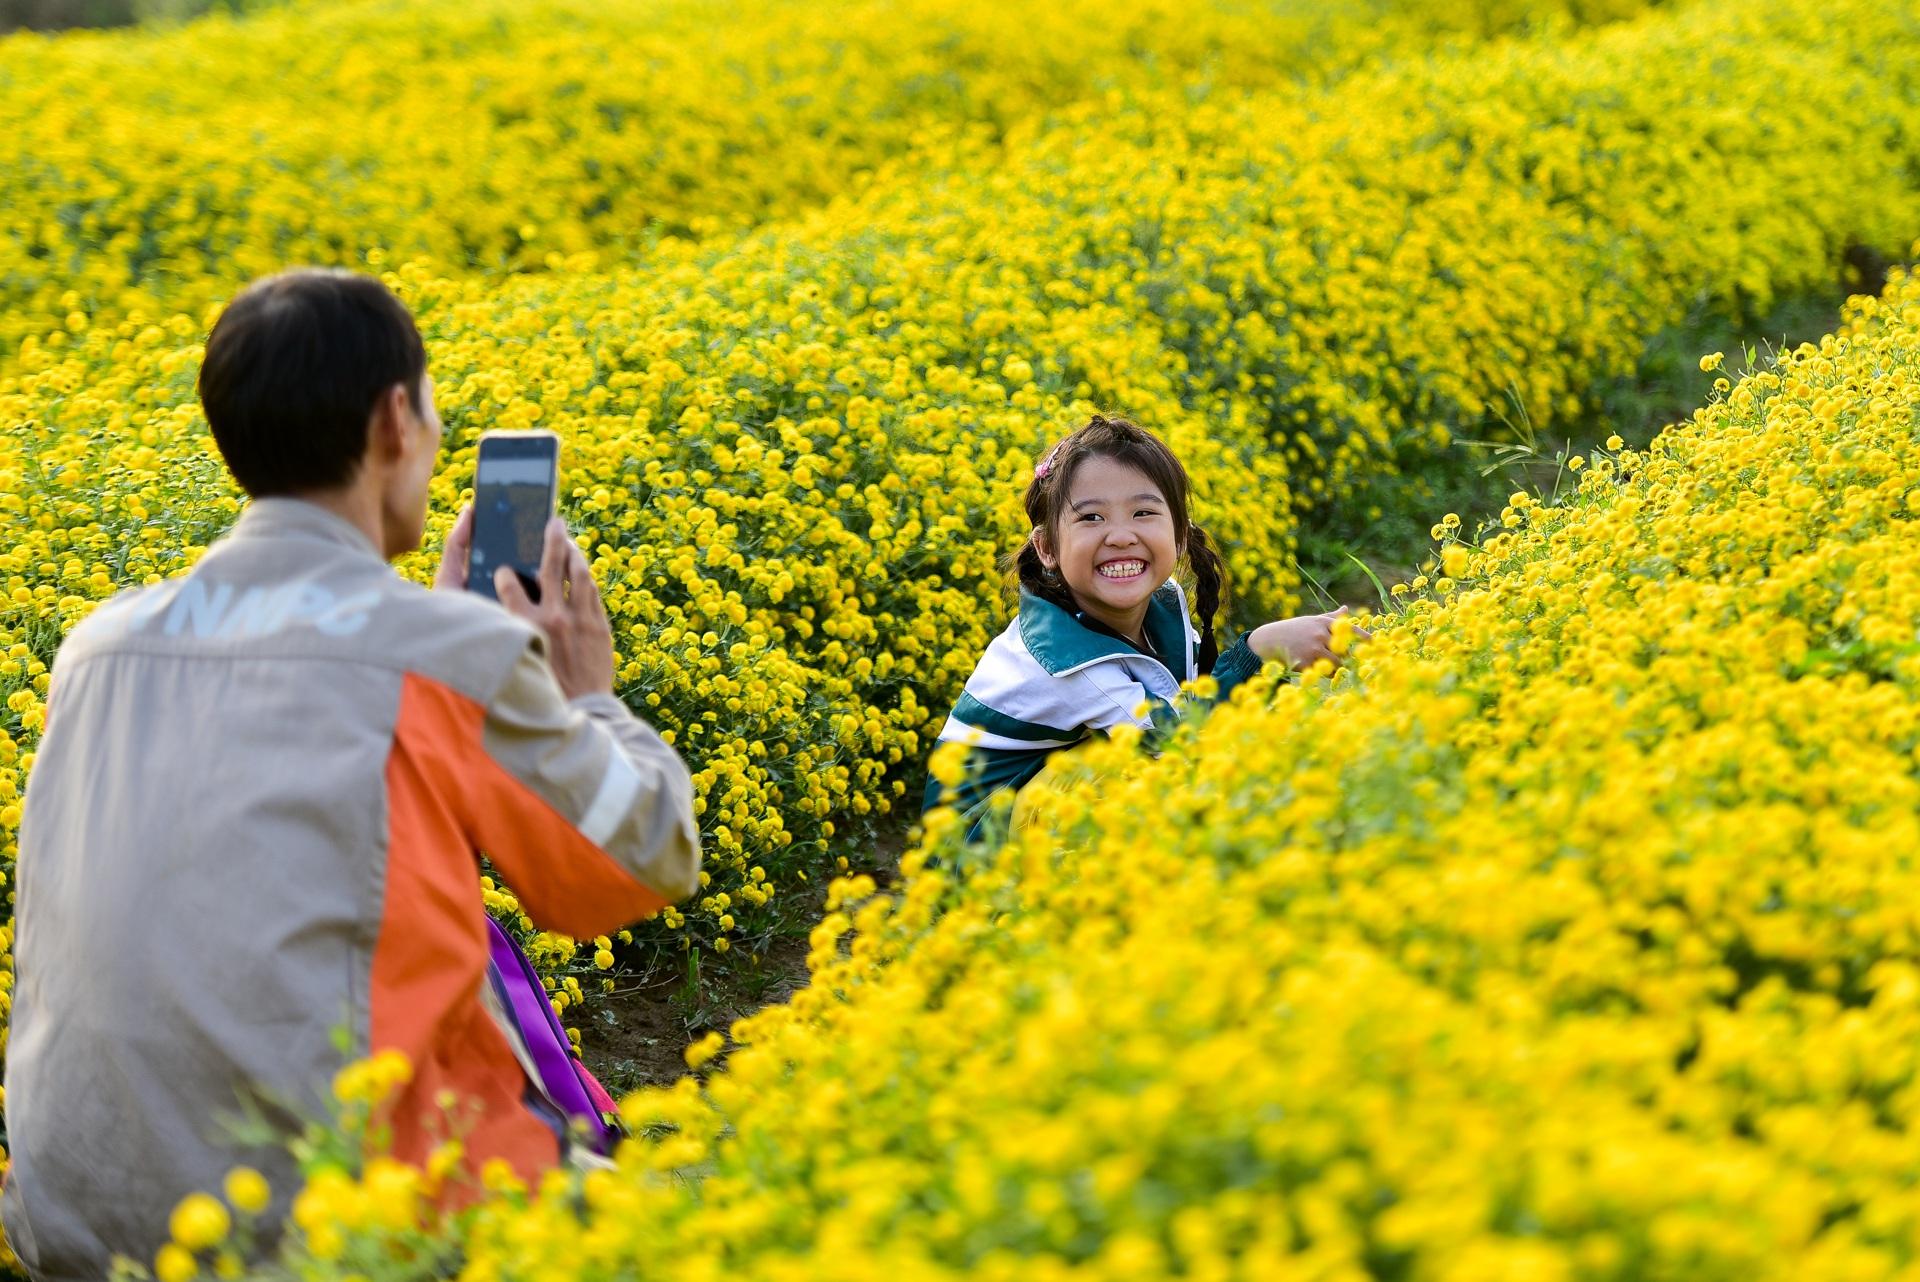 Ngắm cánh đồng cúc tiến vua vàng ruộm mộng mơ tại Nghĩa Trai, Hưng Yên - 1